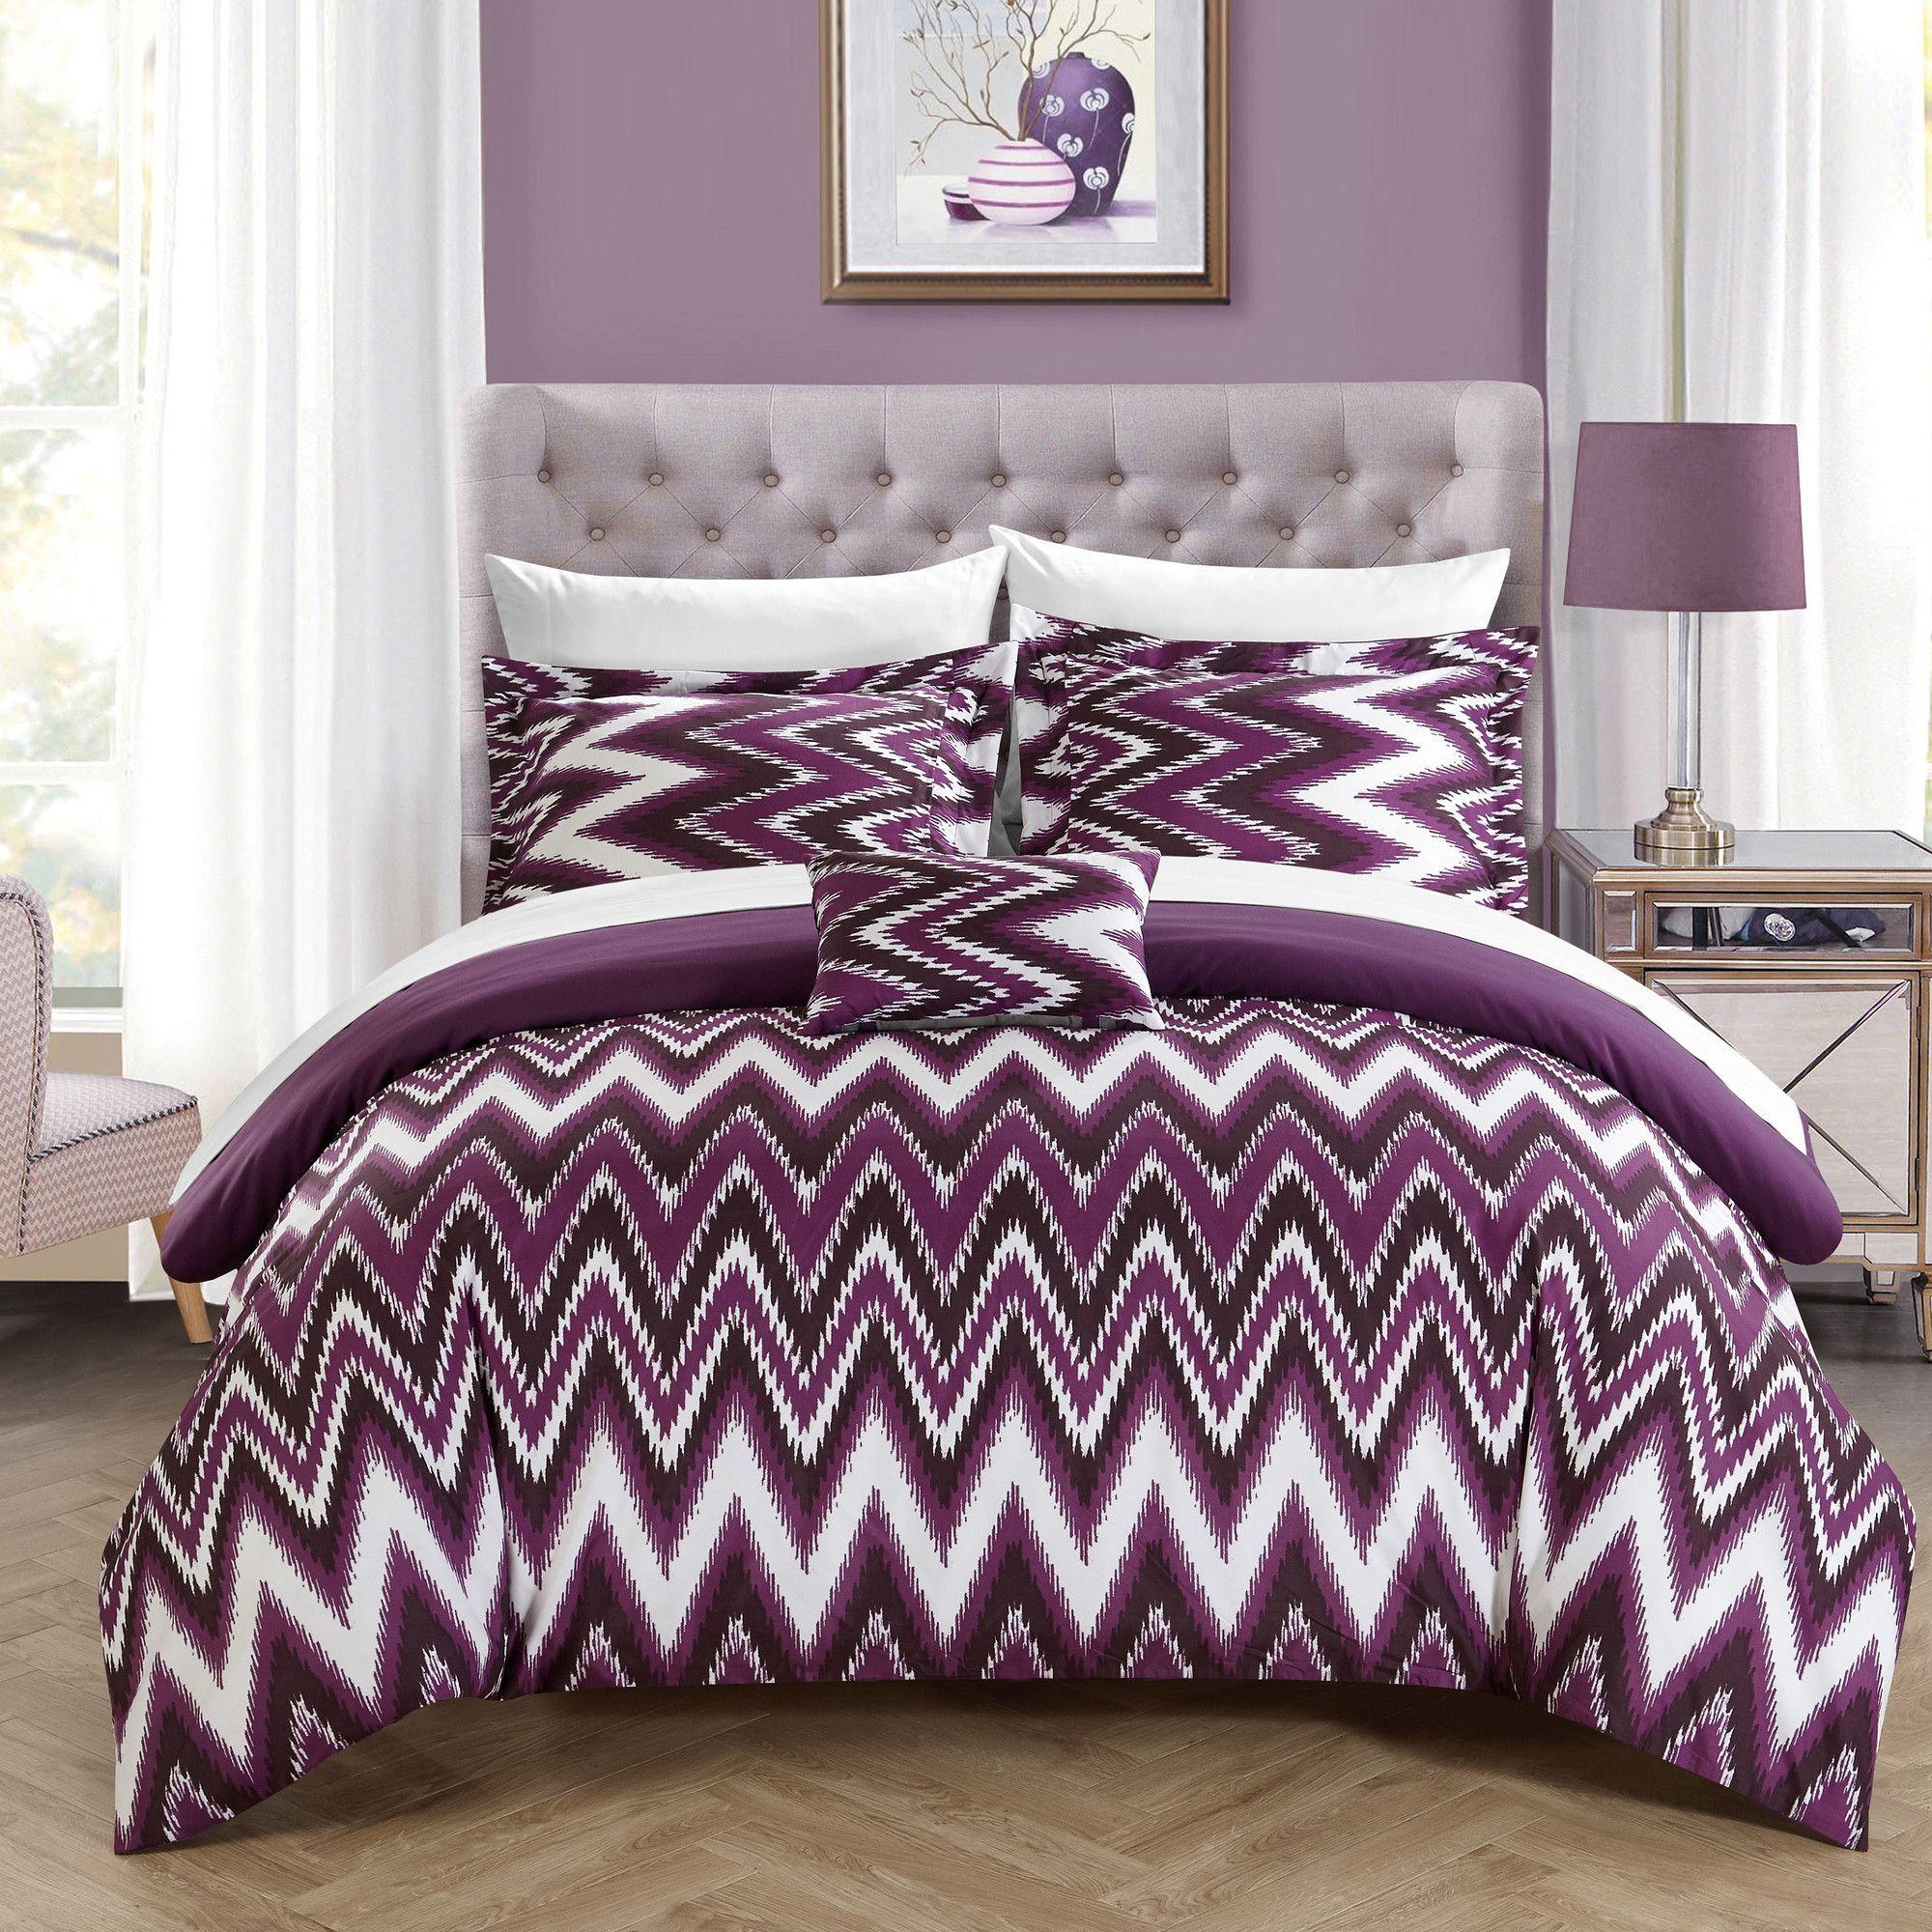 Bella Comforter Set Comforter sets, Bedding sets, Comforters